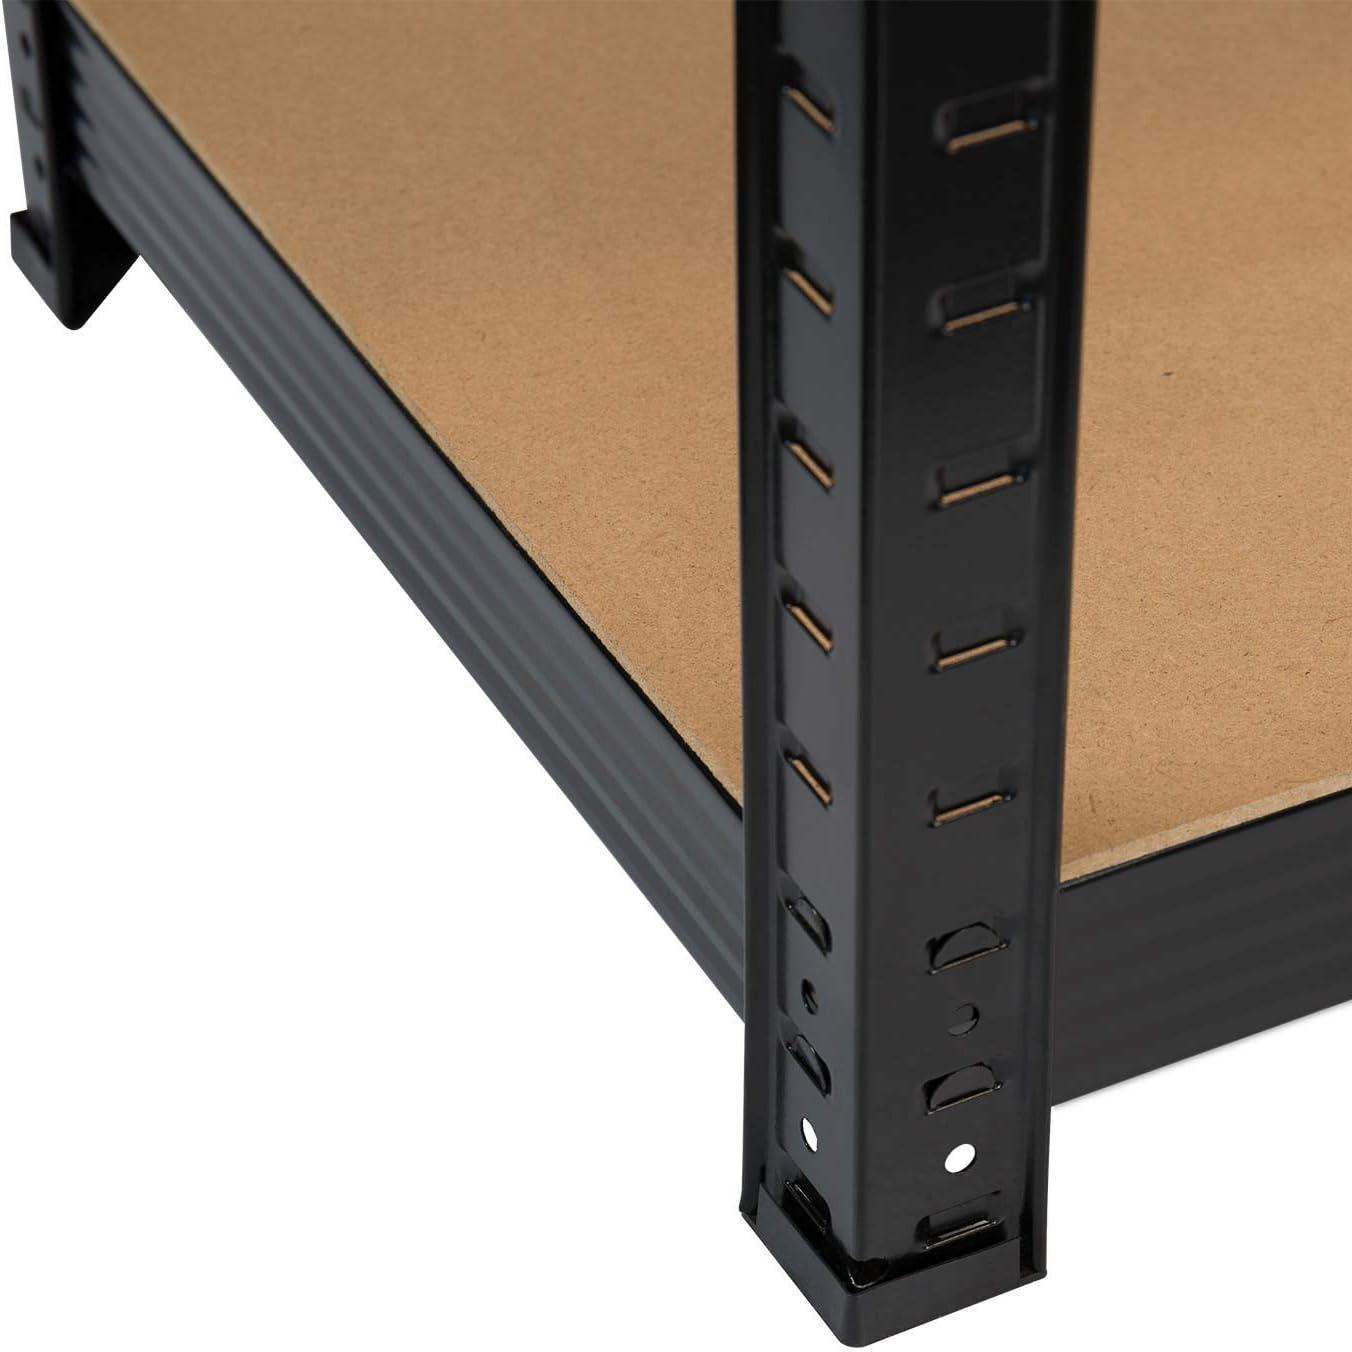 Pack 2 Estanter/ías Modulares Negras con 5 Baldas Ajustables 180x90x40cm 875Kg GH91